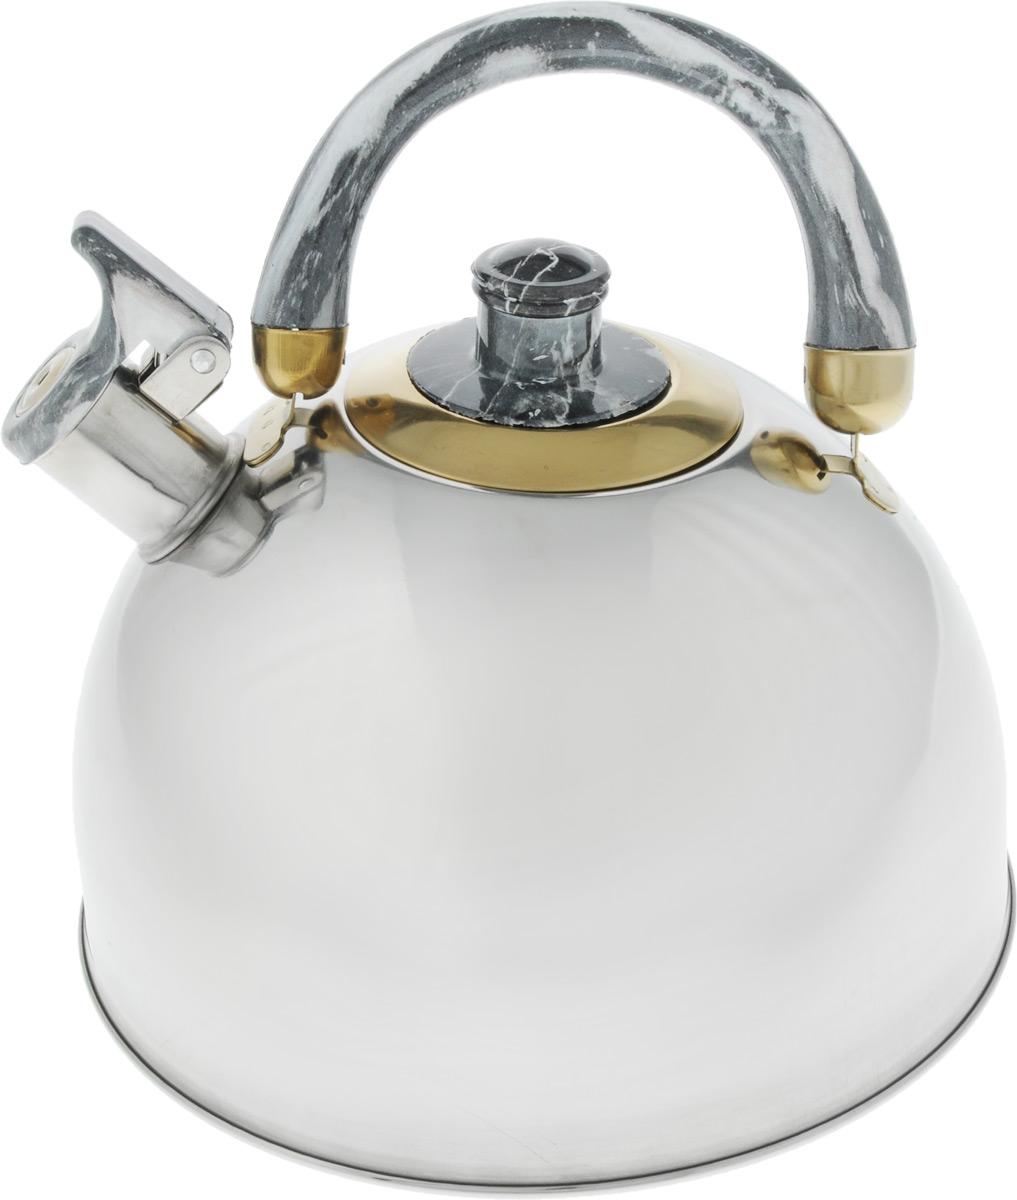 Чайник Bohmann Lite, со свистком, цвет: светло-серый, 4,5 л643BHL_светло-серыйЧайник Bohmann Lite изготовлен из коррозионностойкой стали с зеркальной полировкой. Это материал, зарекомендовавший себя как идеально подходящий для изготовления кухонной посуды, столовых приборов и аксессуаров. Прочность, надежность, стойкость к кислотам и привлекательный внешний вид - основные свойства этого материала. Подвижная ручка, выполненная из термостойкого пластика под мрамор, обеспечивает комфортную эксплуатацию. Носик чайника оборудован свистком, который громким сигналом оповестит о закипании воды. Серия Lite - это посуда из стали, легкая и экономичная. Доступна для широкого круга потребителей, оптимальна по цене и качеству. Подходит для любой кухни, привлекательна по своим характеристикам, цене и практичности. Чайник подходит для электрических, газовых, галогеновых и стеклокерамических плит. Изделие можно мыть в посудомоечной машине. Диаметр (по верхнему краю): 8,5 см. Диаметр основания: 22 см. Высота чайника (без учета ручки и крышки): 12,5 см.